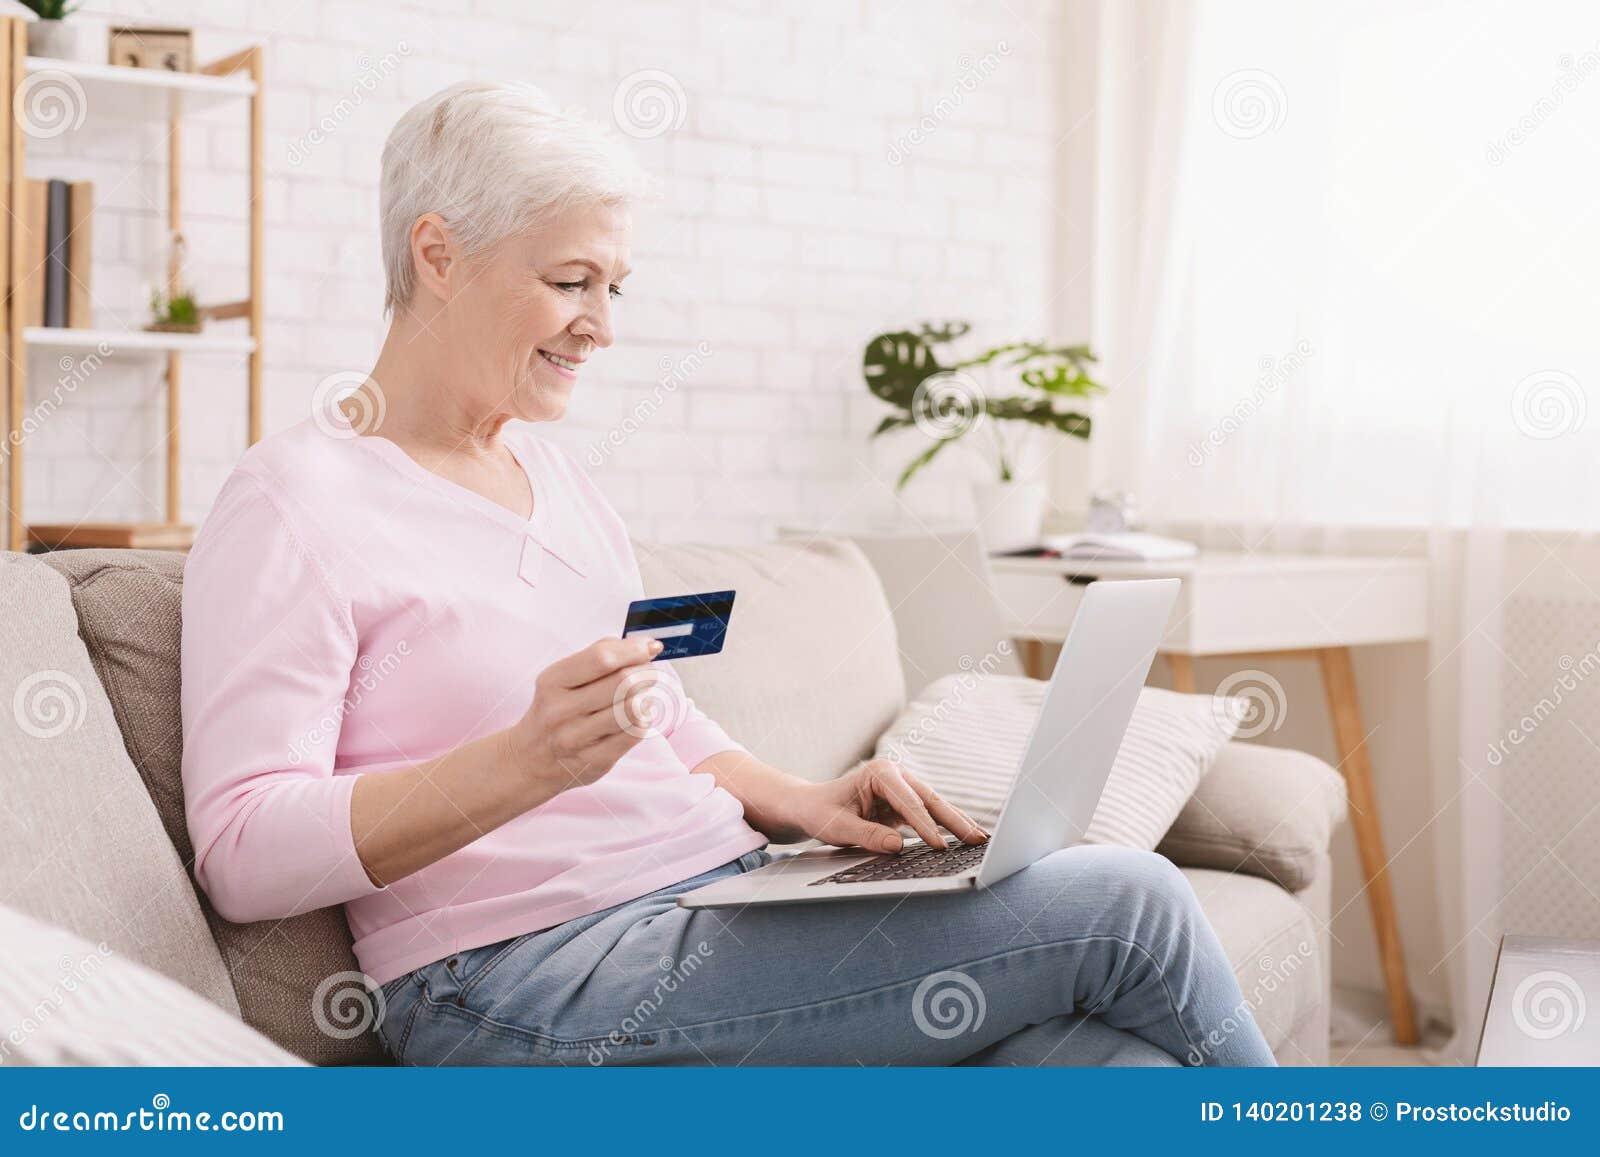 Dojrzała kobieta robi zakupy online z kartą kredytową i laptopem